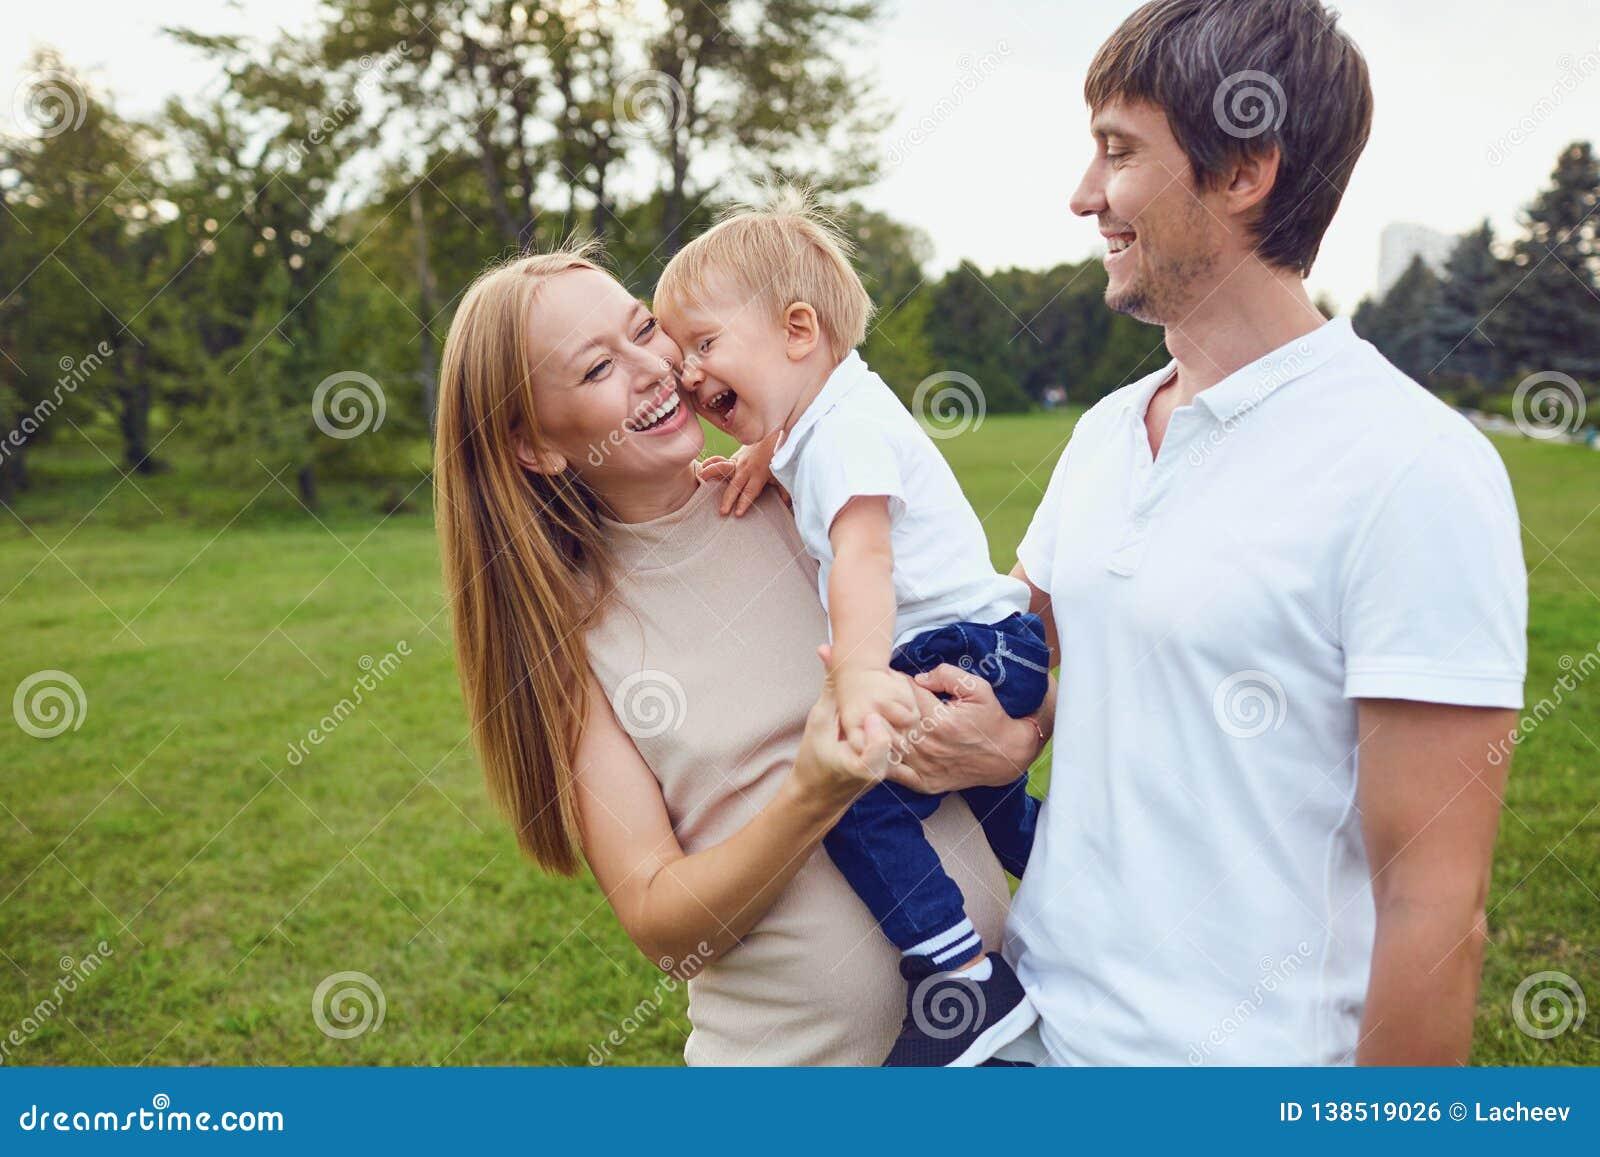 Glückliche Familie lacht im Park